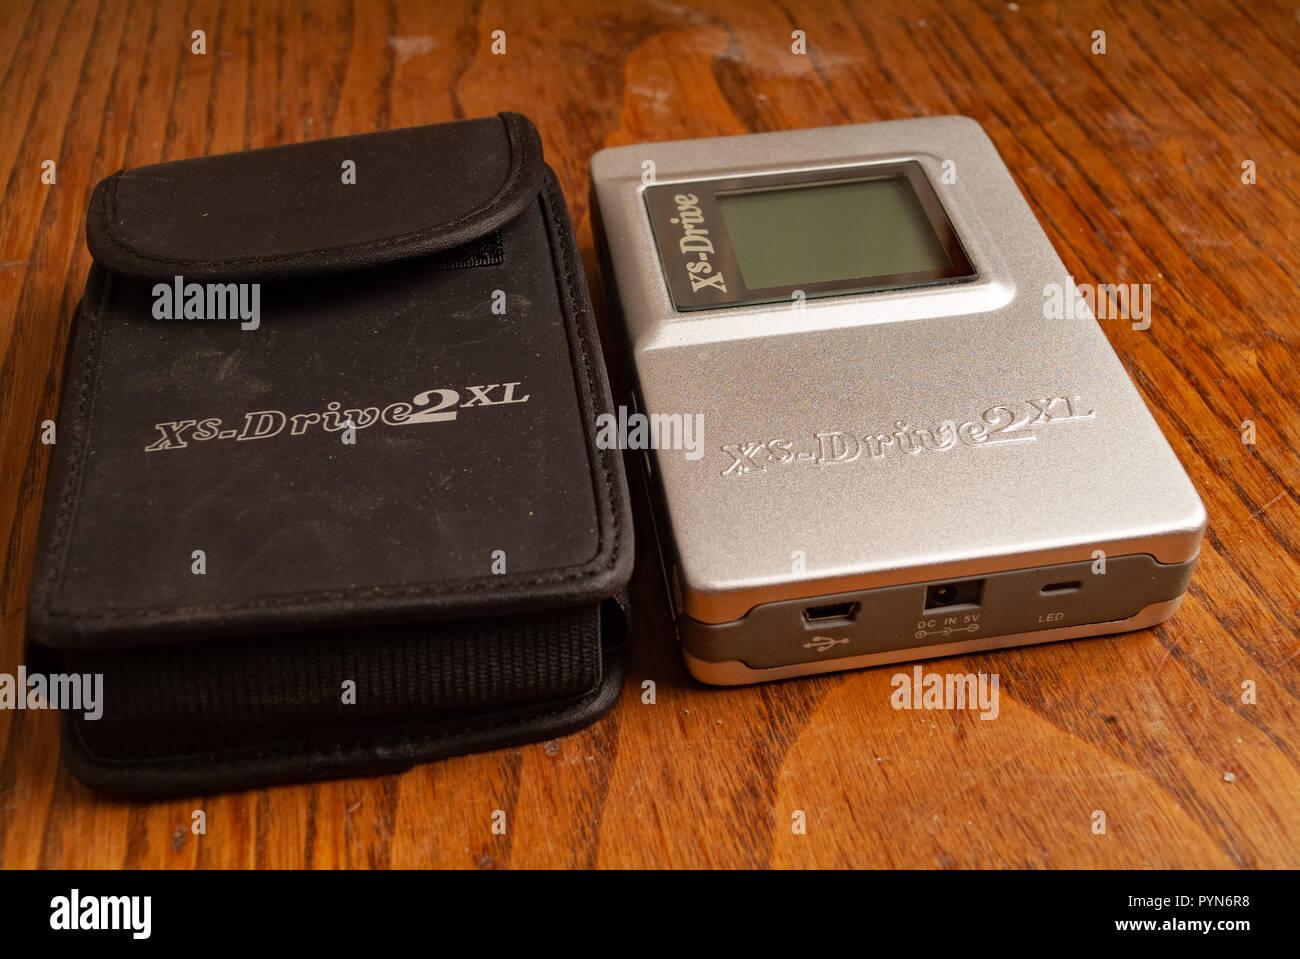 Early 2000s Tech Stock Photos & Early 2000s Tech Stock